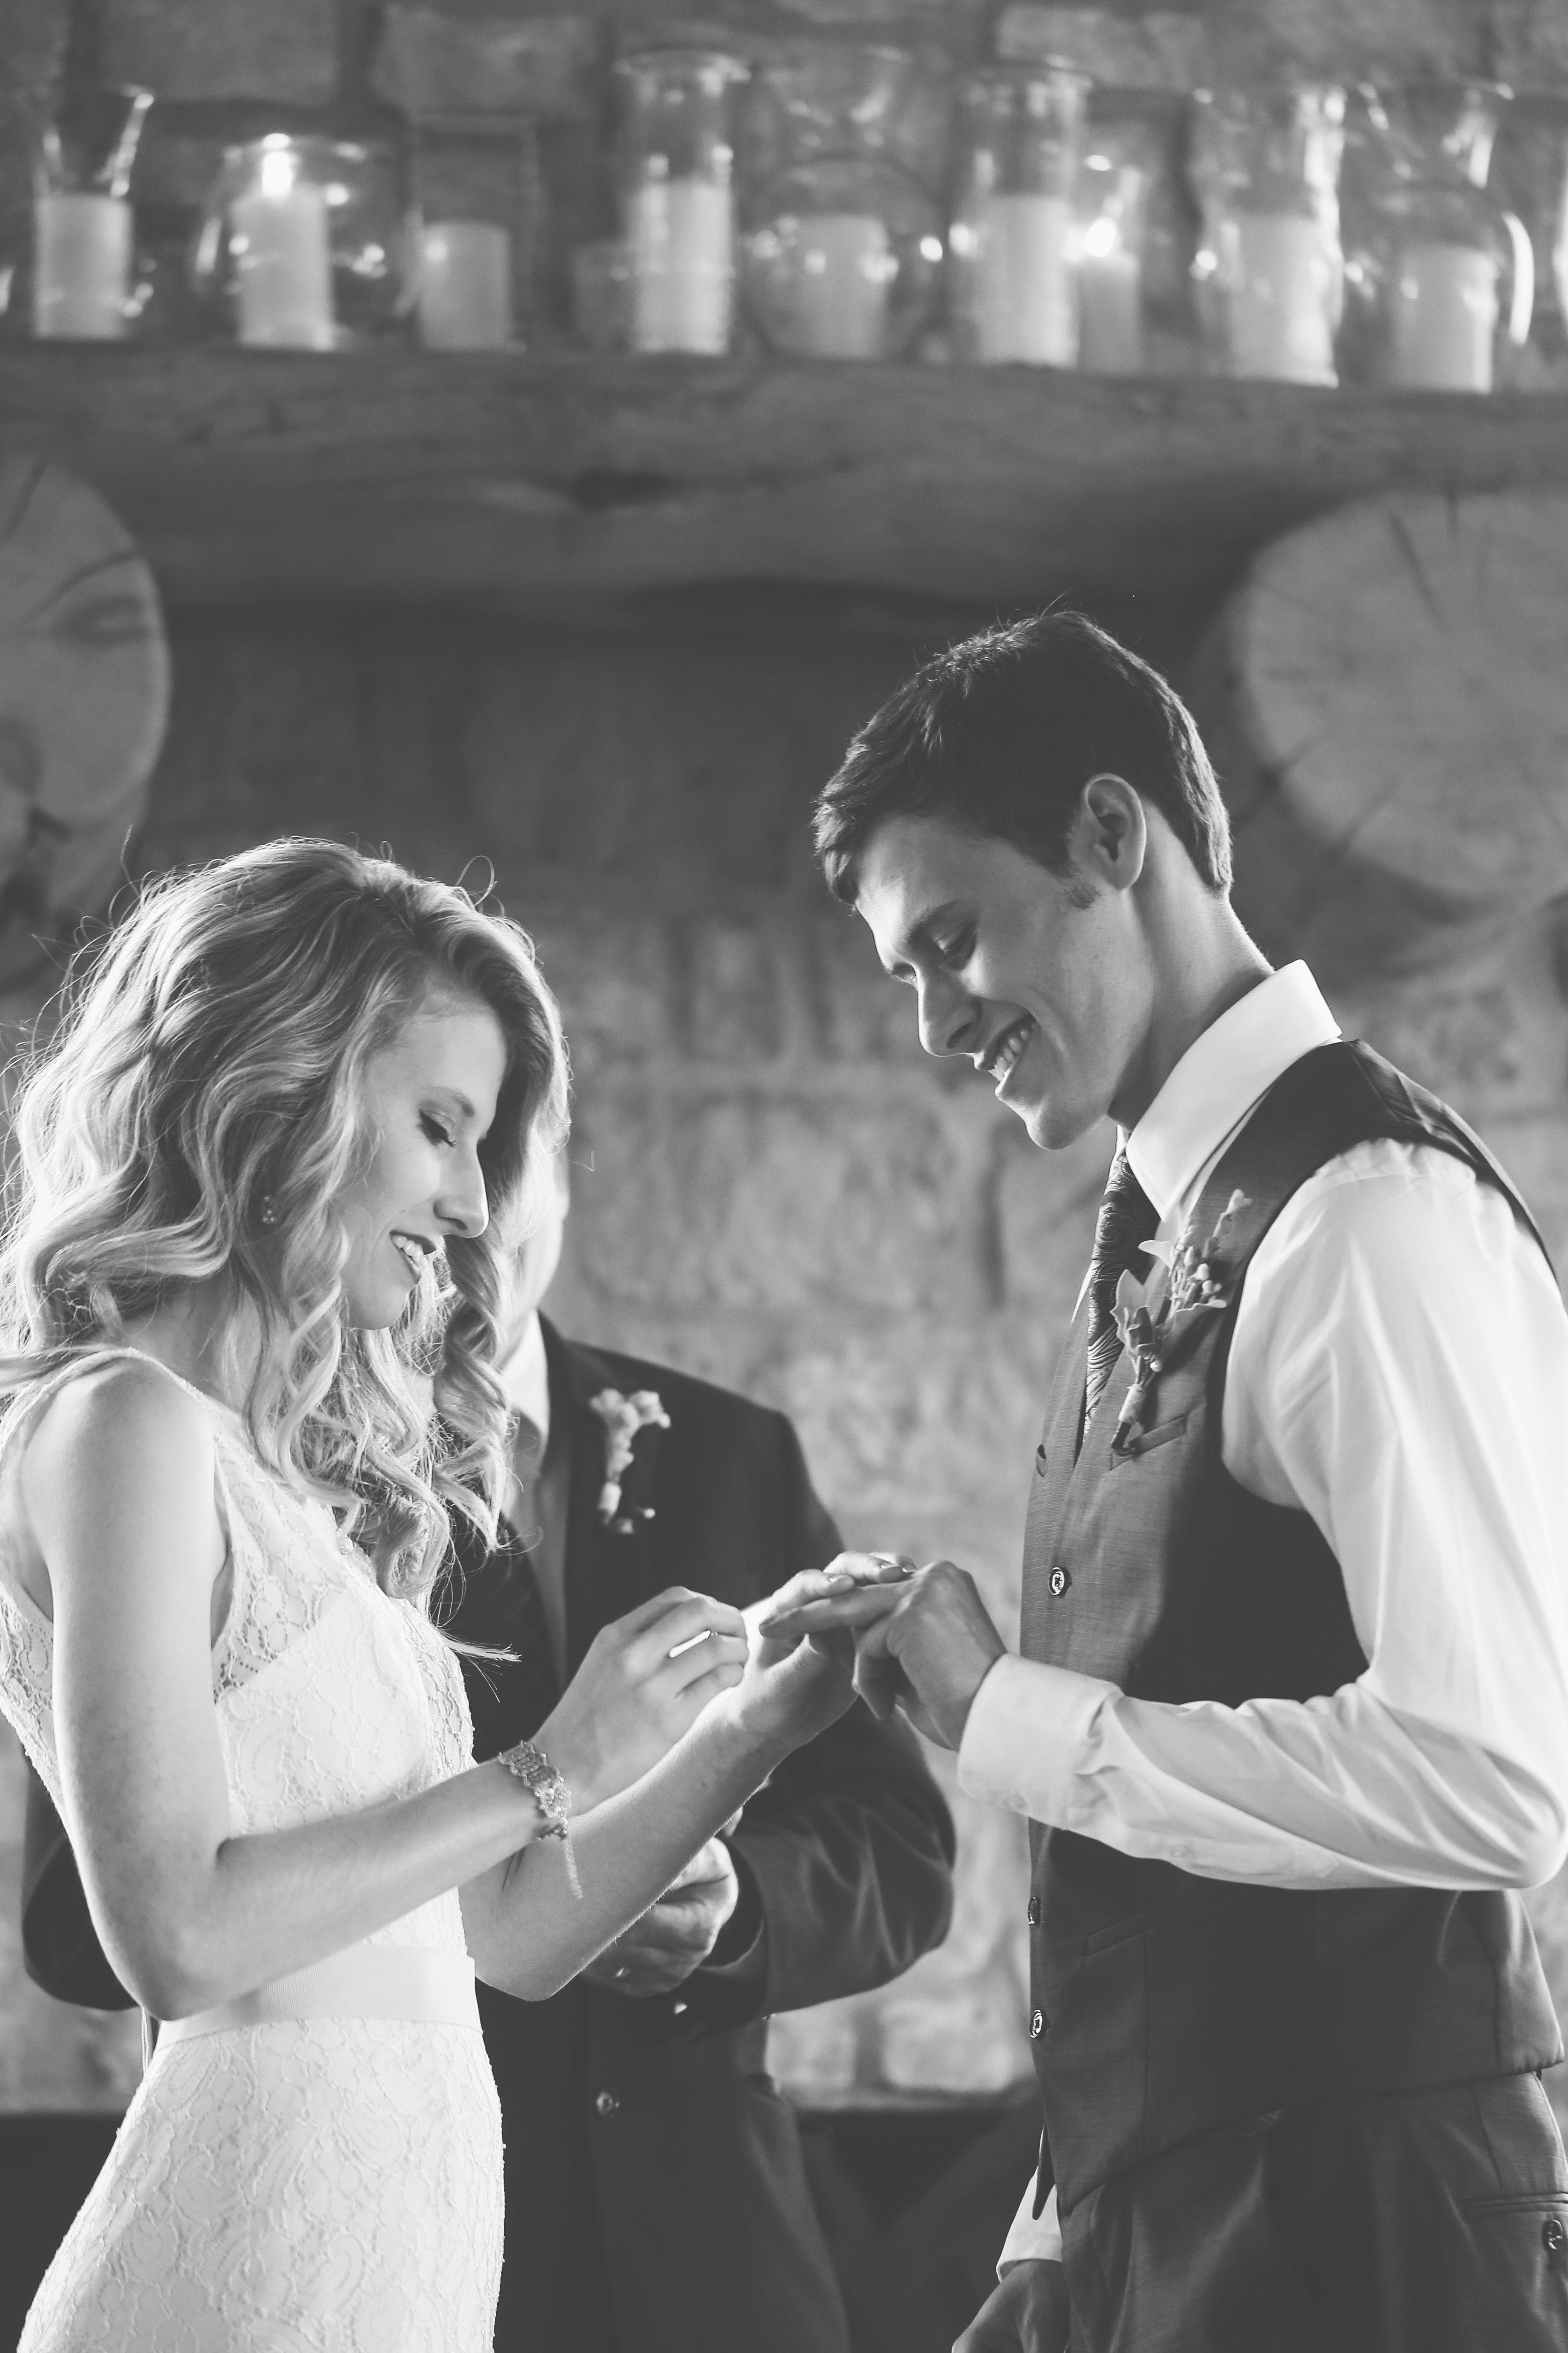 El intercambio de aros en el altar significa el sello de la confianza y respeto que se prometen los novios desde ese día.